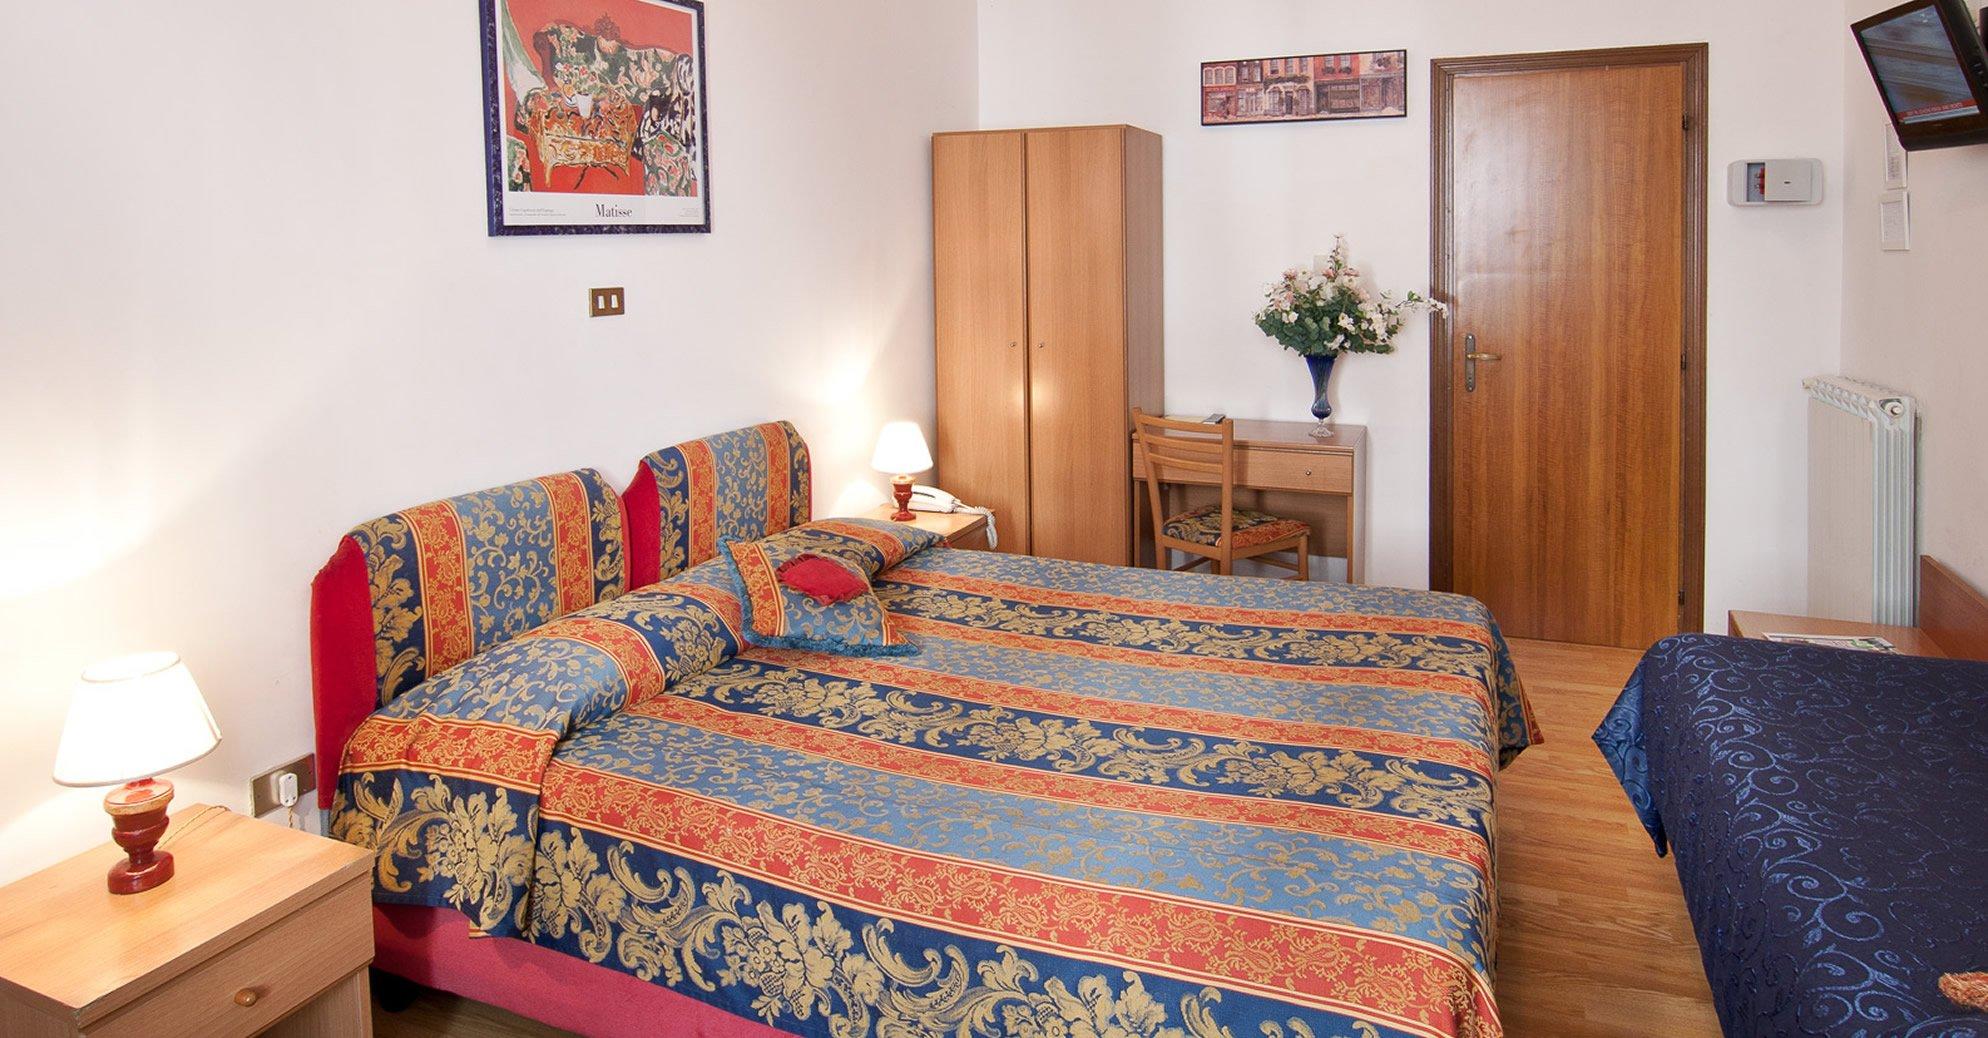 Hotel Margaret Roma – Sito Ufficiale – Economico Albergo 2 Stelle Roma